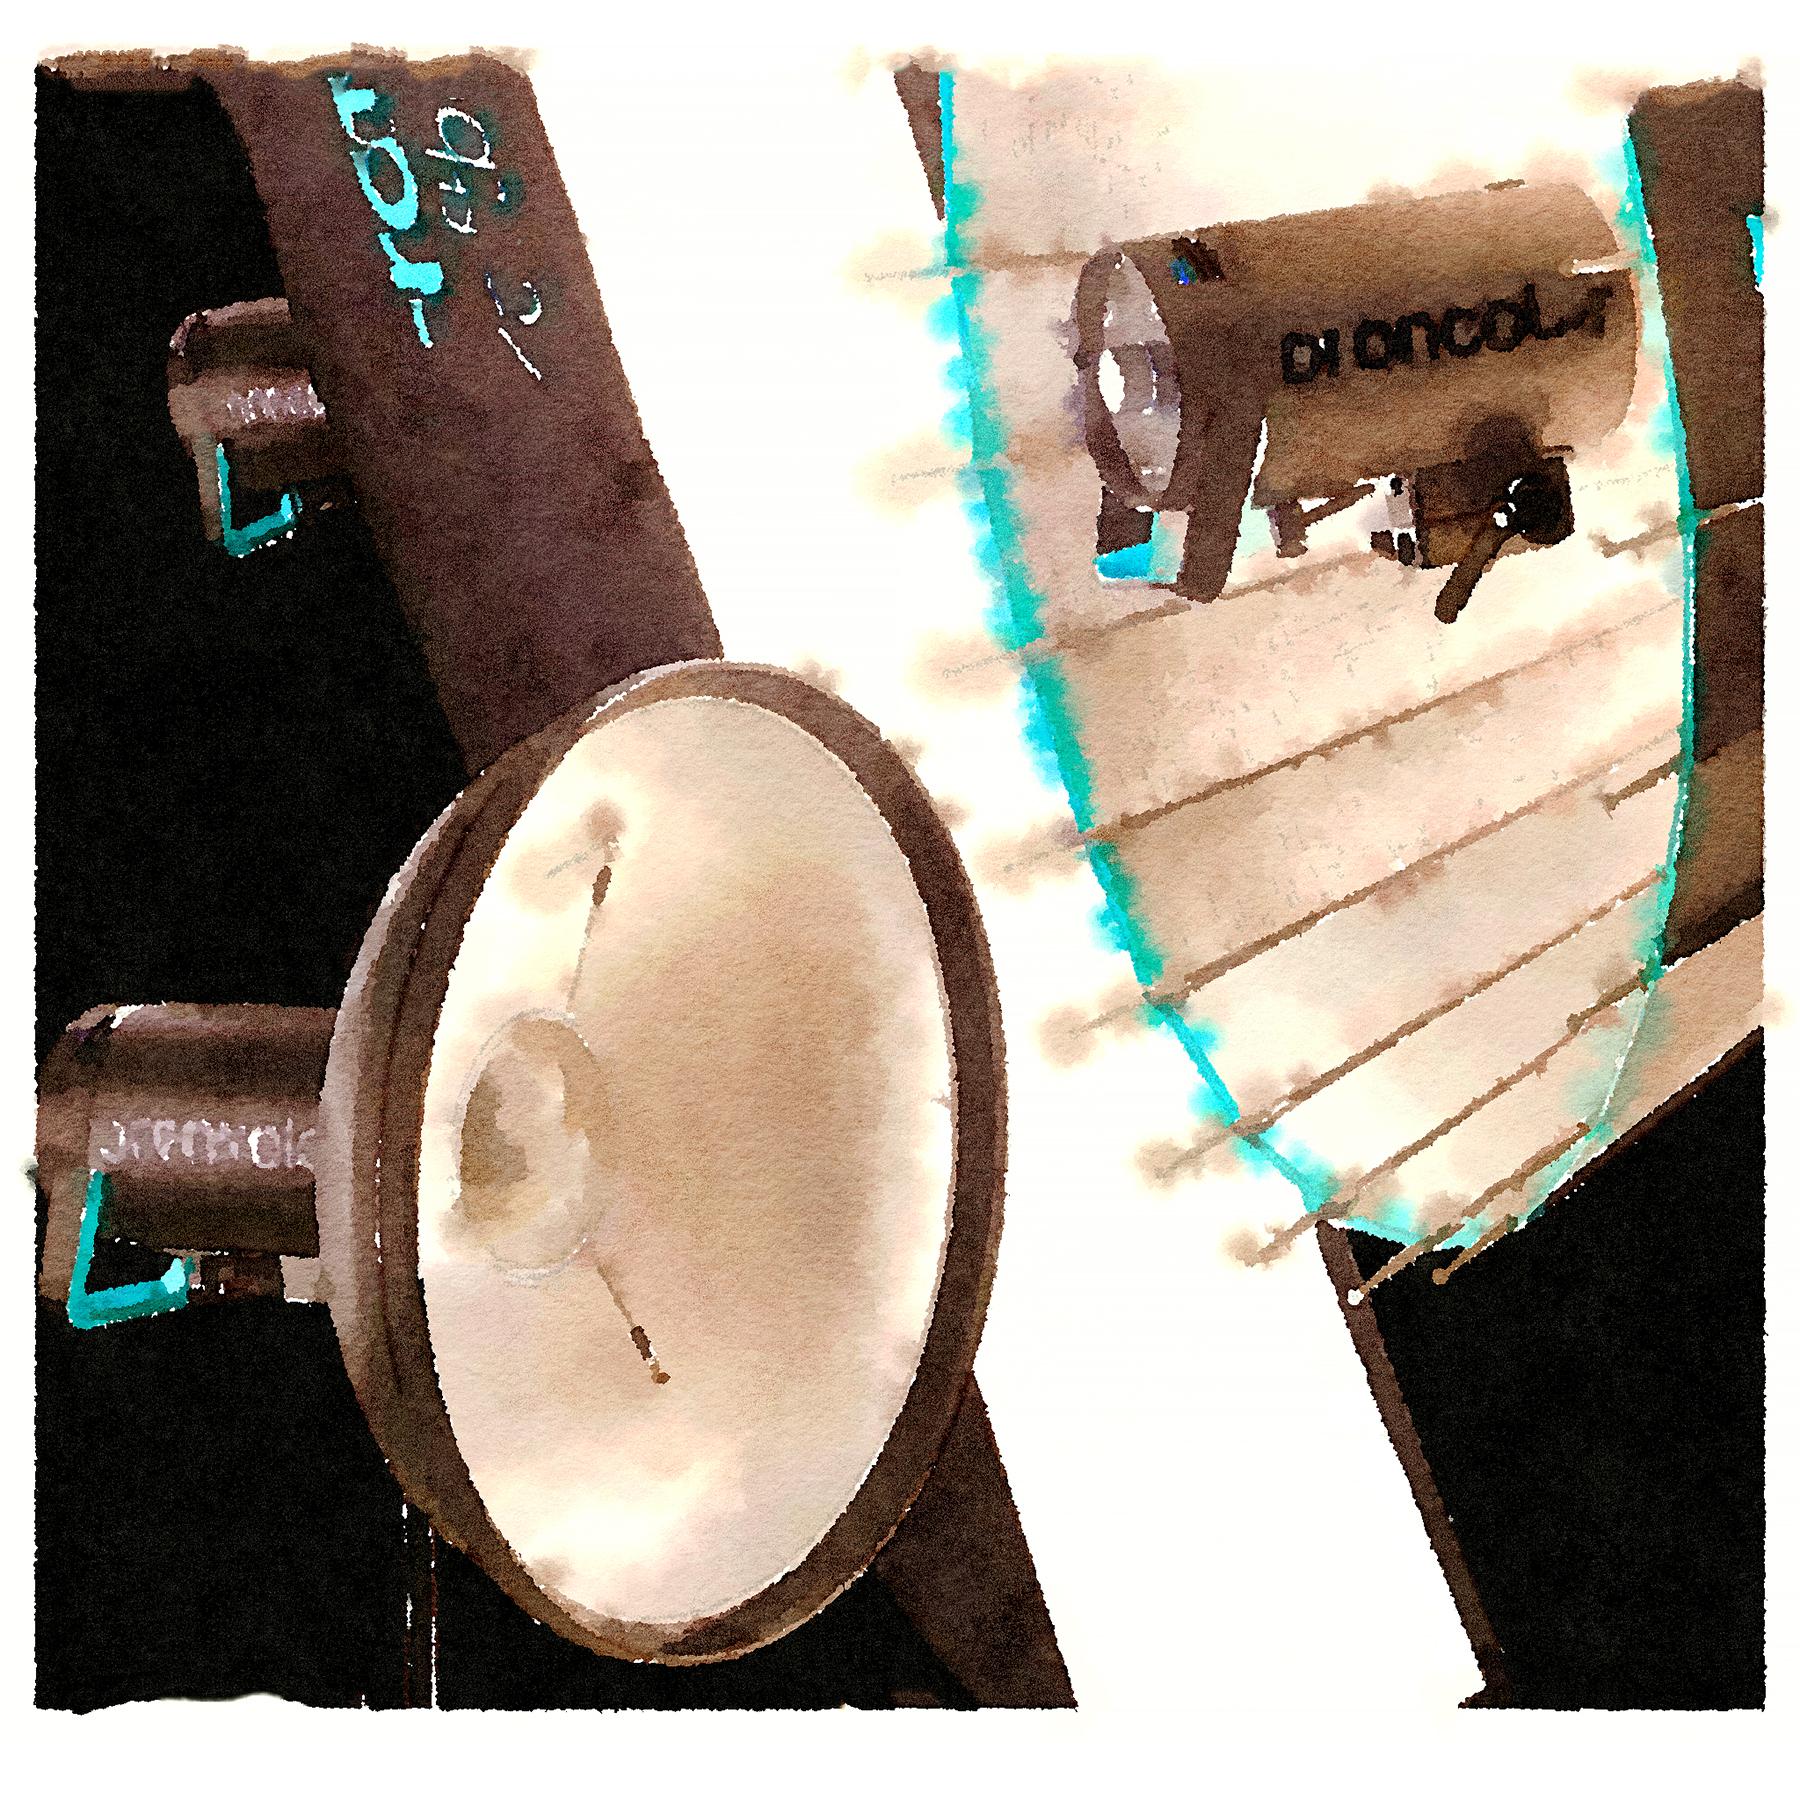 S4EP5 閃光燈的詳細介紹與燈光使用技巧心得分享